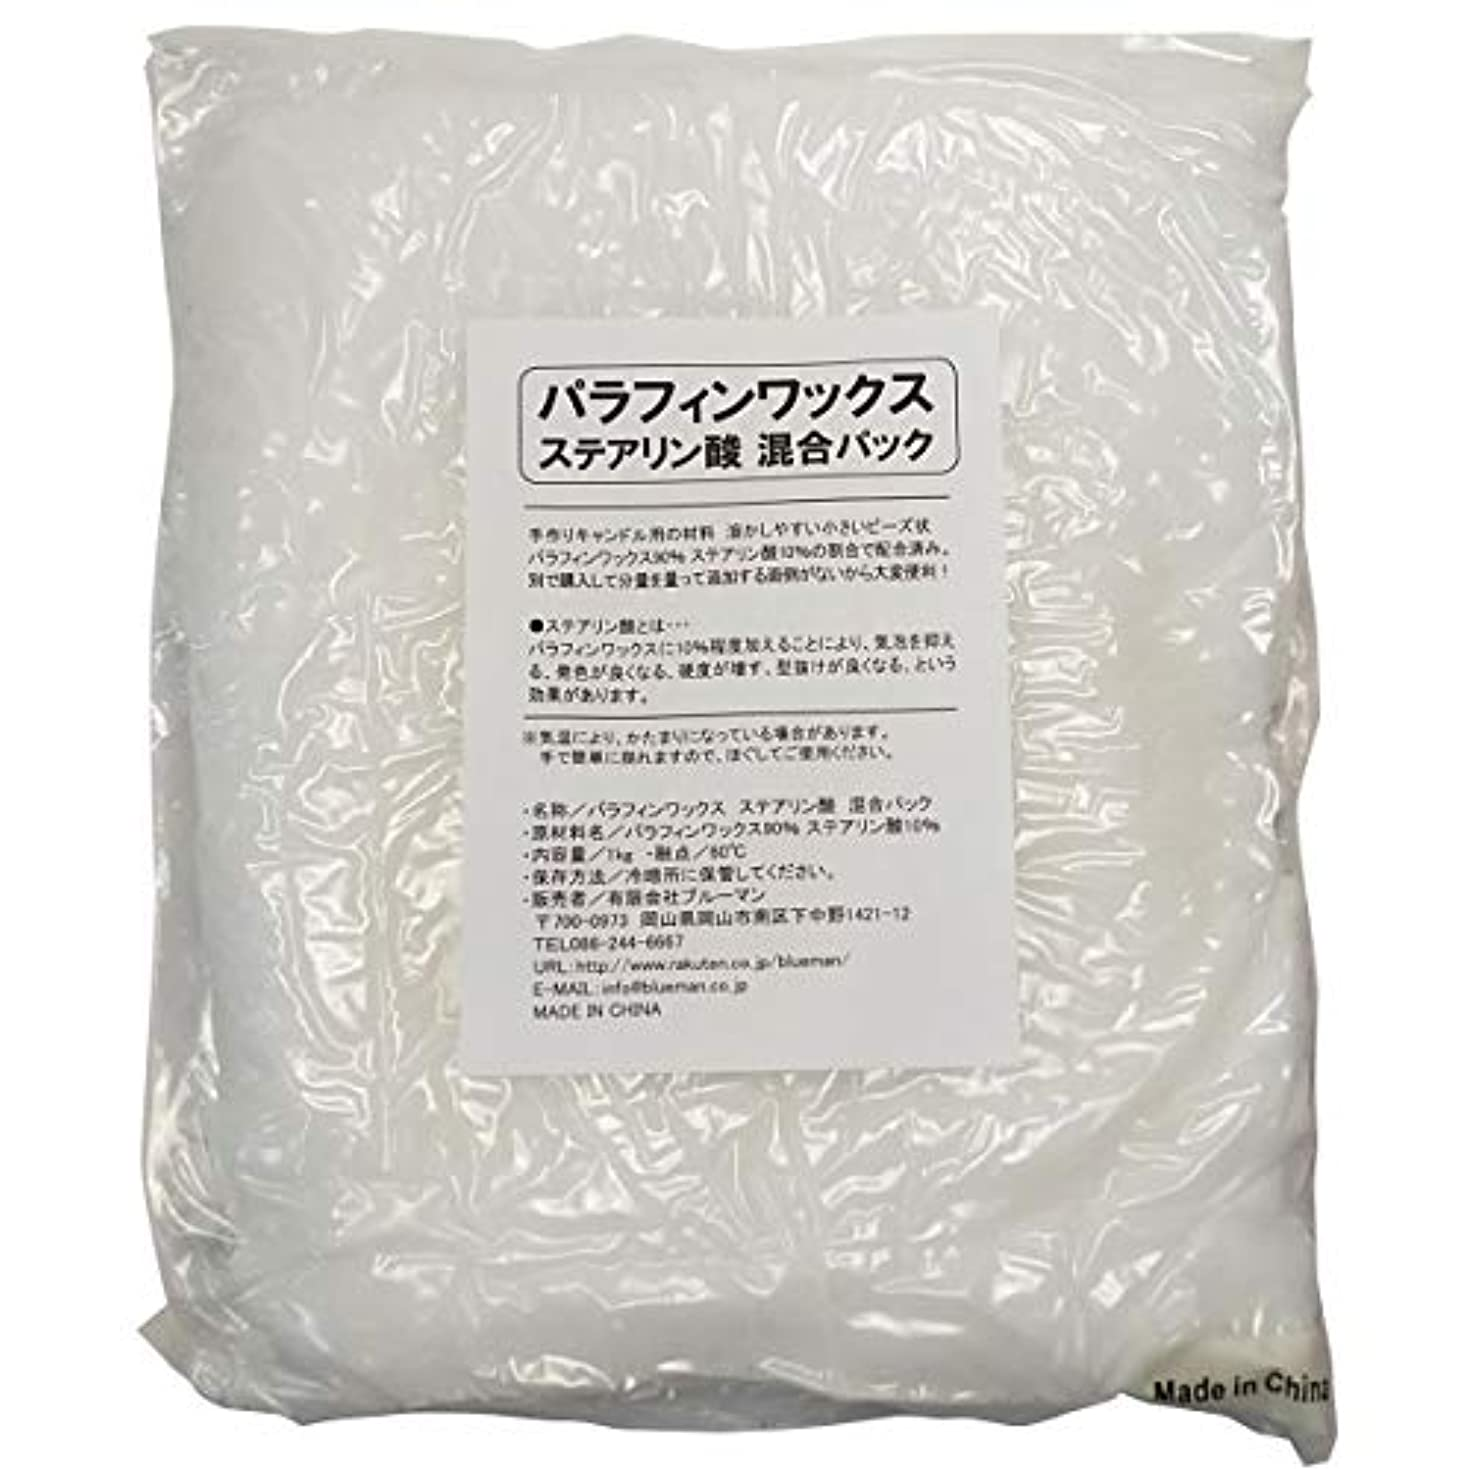 カバー瞬時に滑りやすいパラフィンワックス ステアリン酸 混合パック 1kg 手作りキャンドル 材料 1キロ アロマワックスサシェ